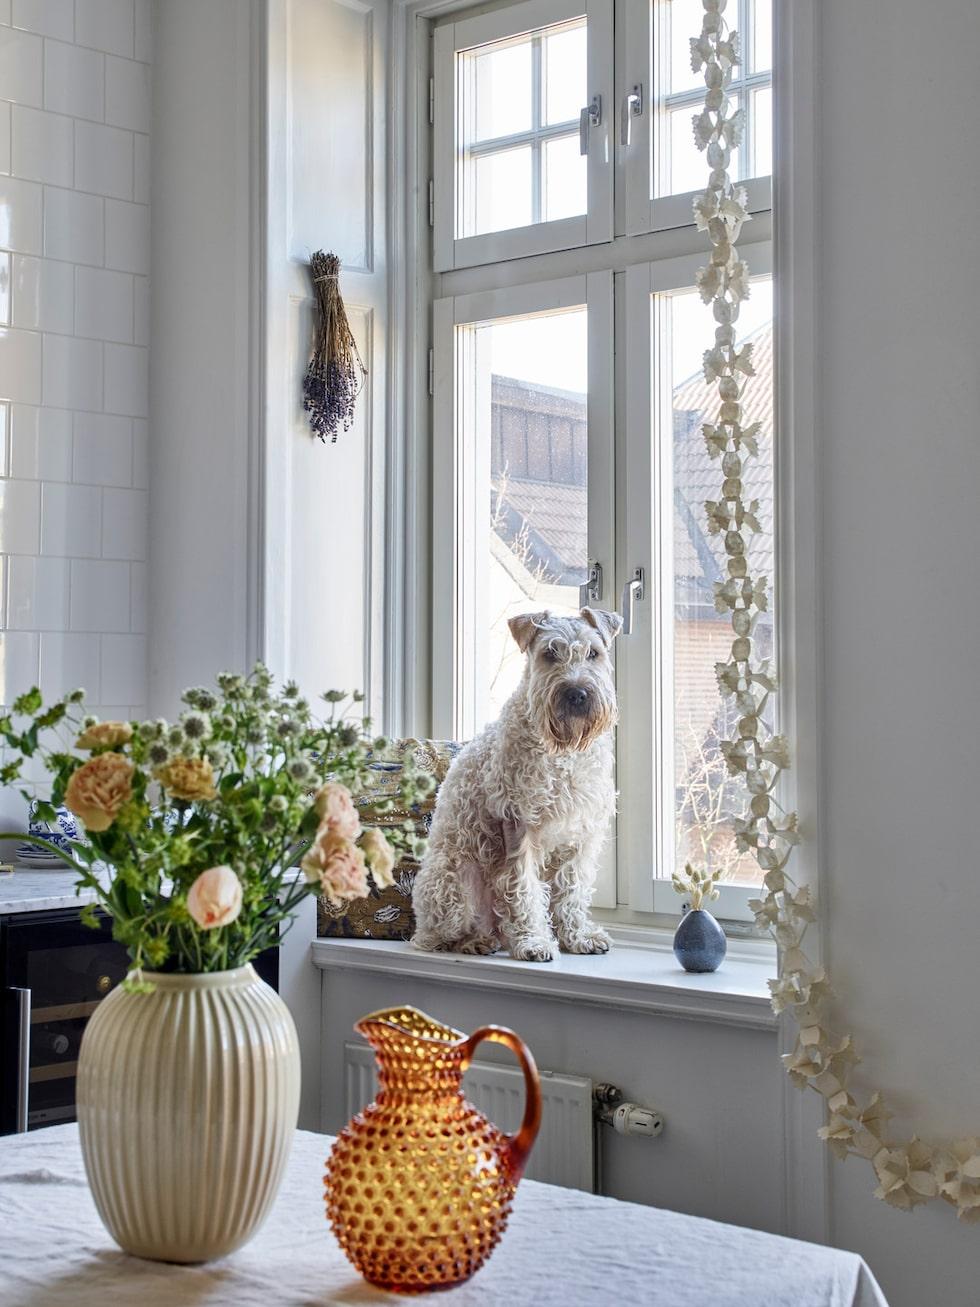 Hunden Charlie poserar glatt i köksfönstret och är ett återkommande motiv på Hannes bilder på Instagram. Vas, Kähler. Karaff, Tambur.